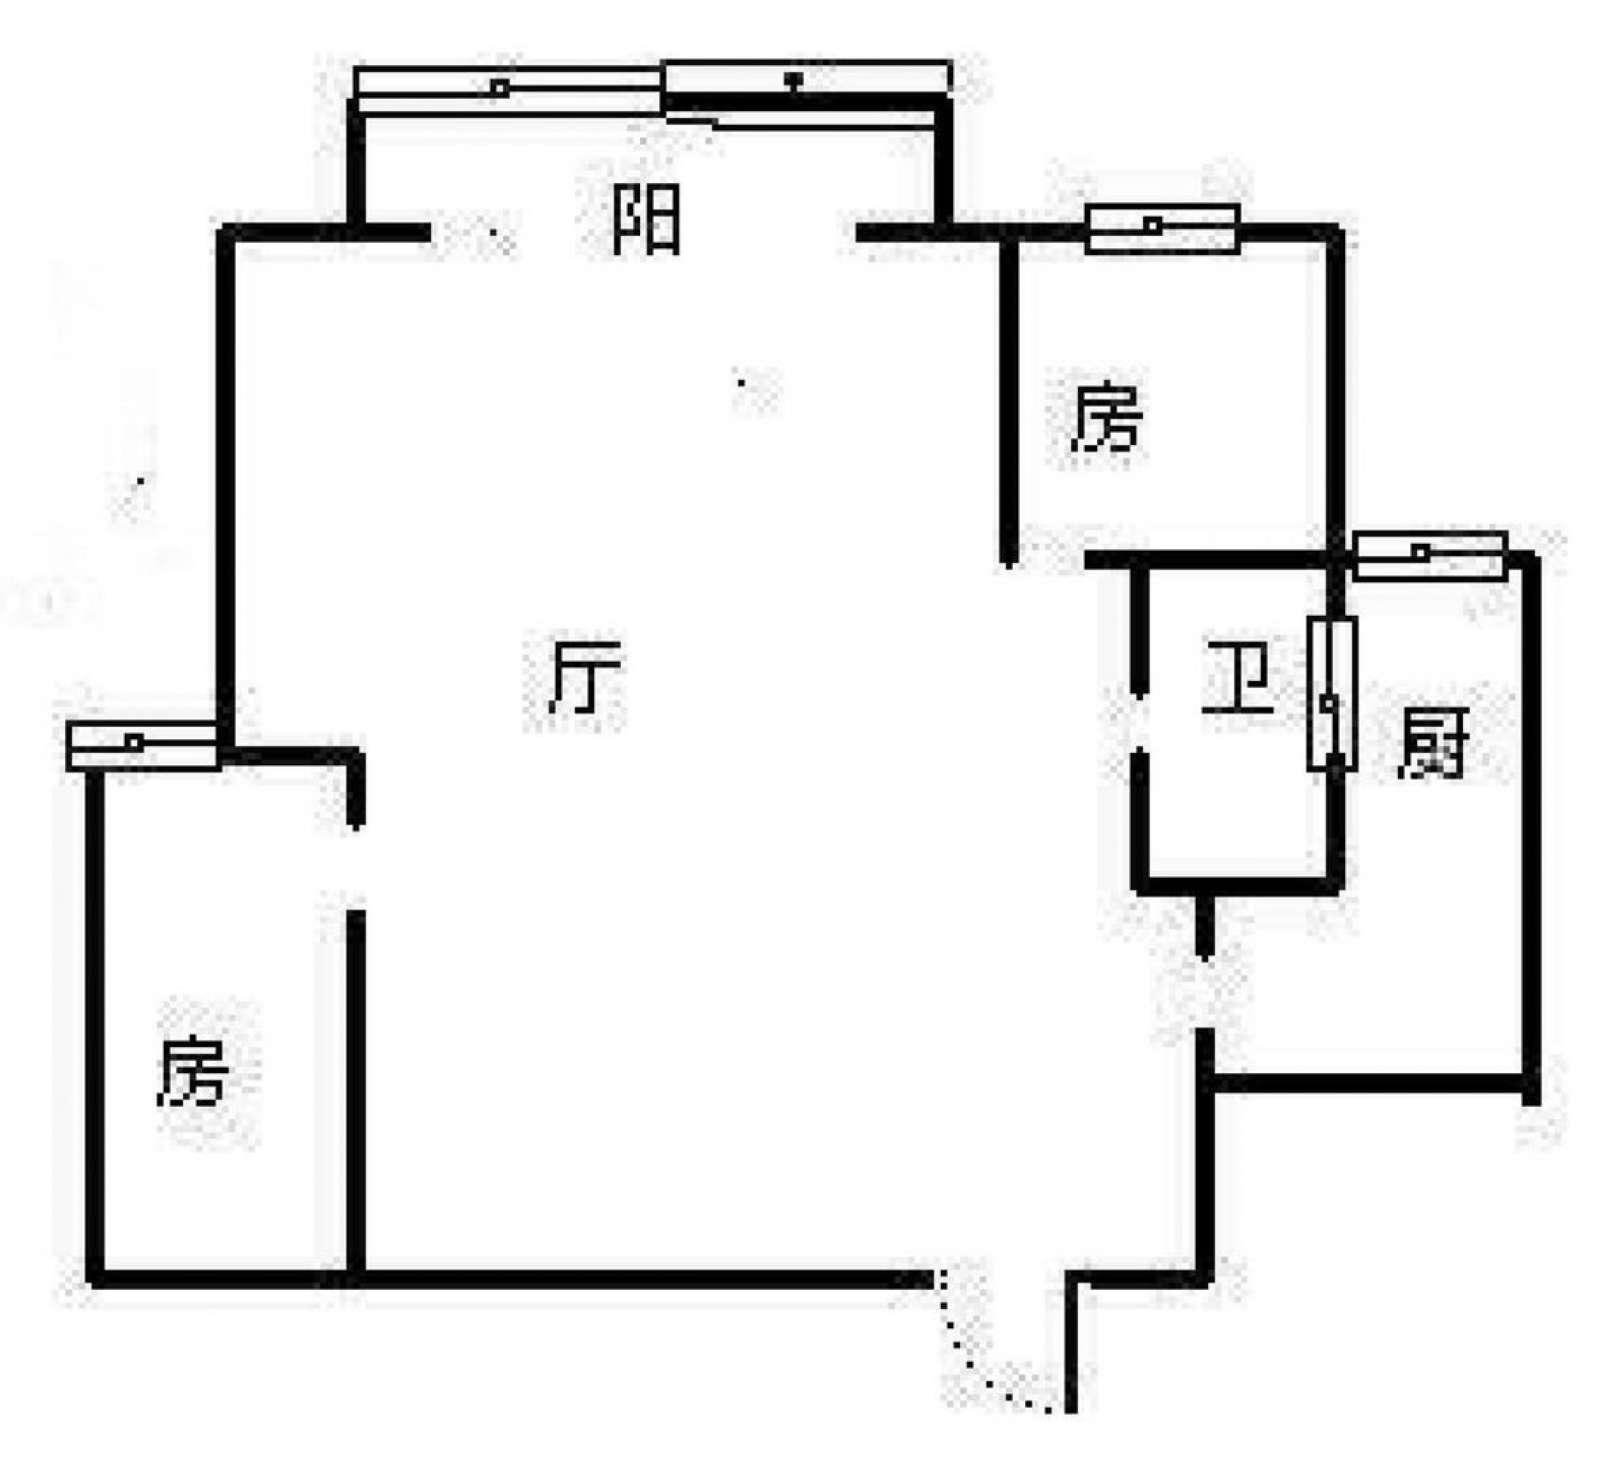 八里坡安置小区 2室2厅90㎡